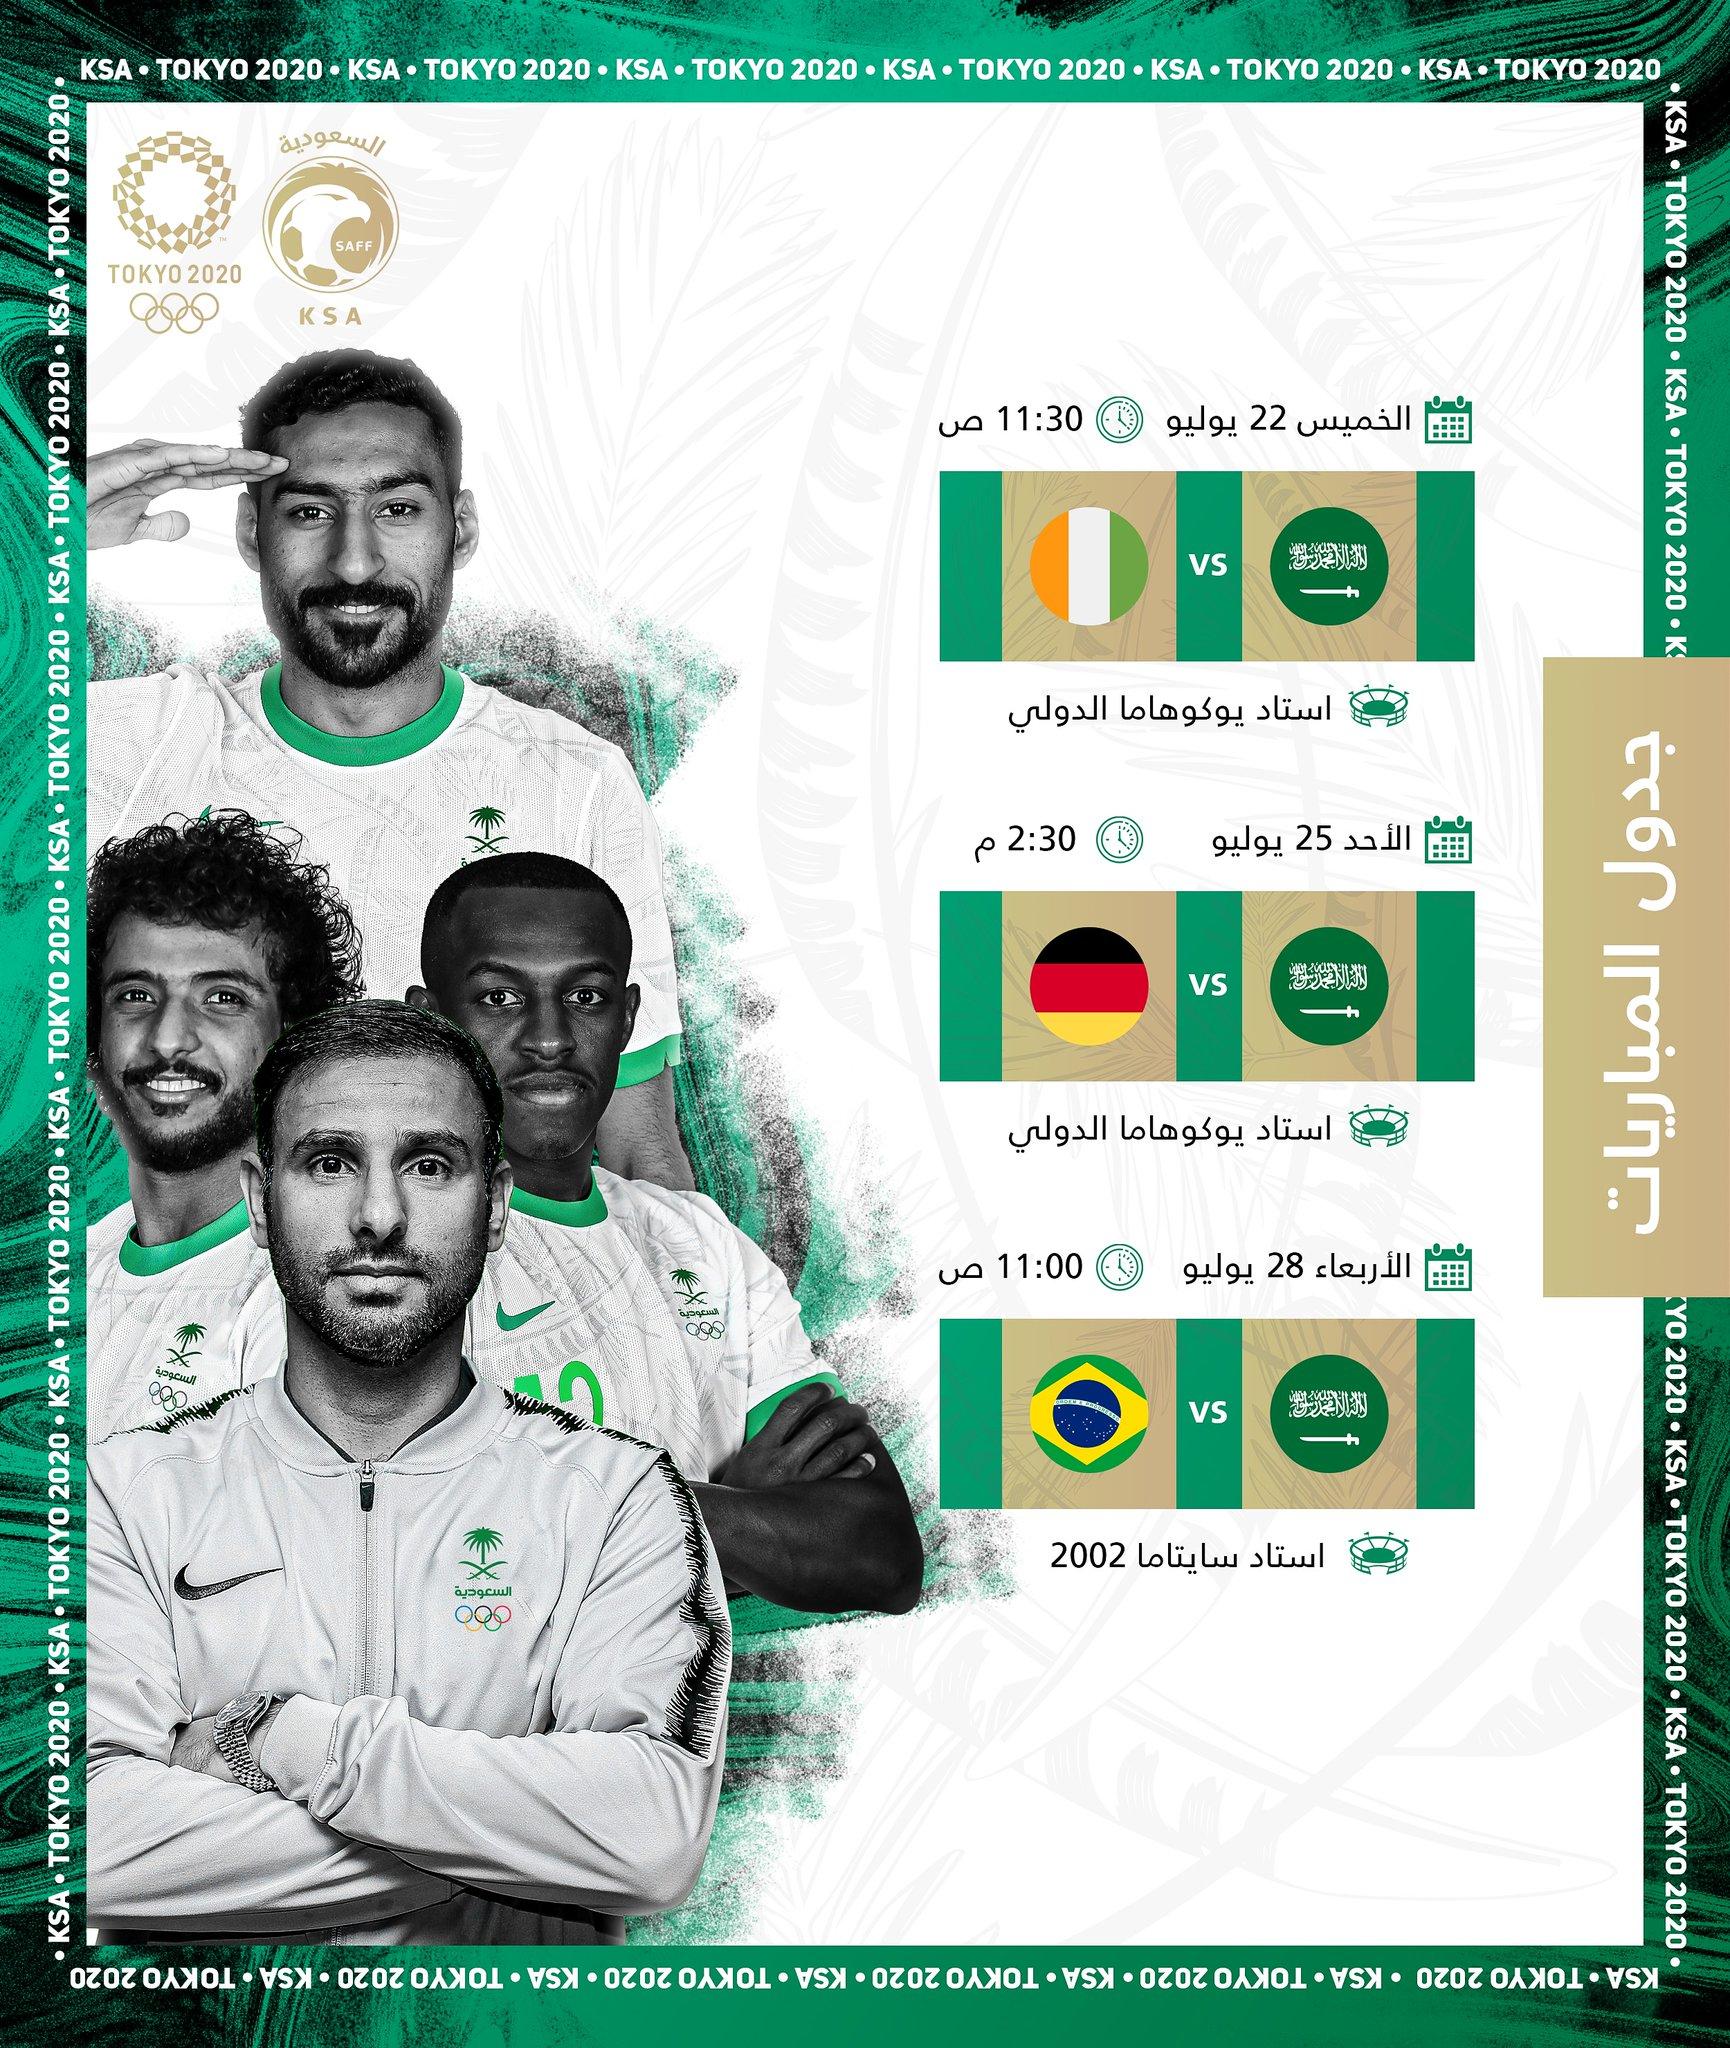 المنتخب السعودي صورة فوتوغرافية